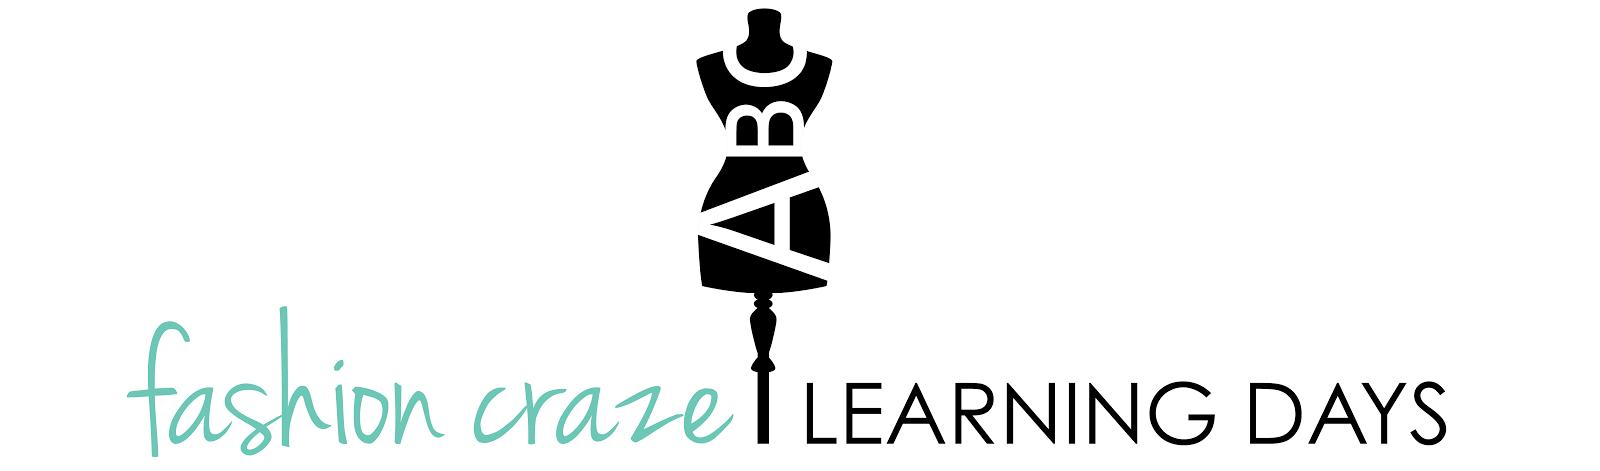 Fashion Craze Learning Days